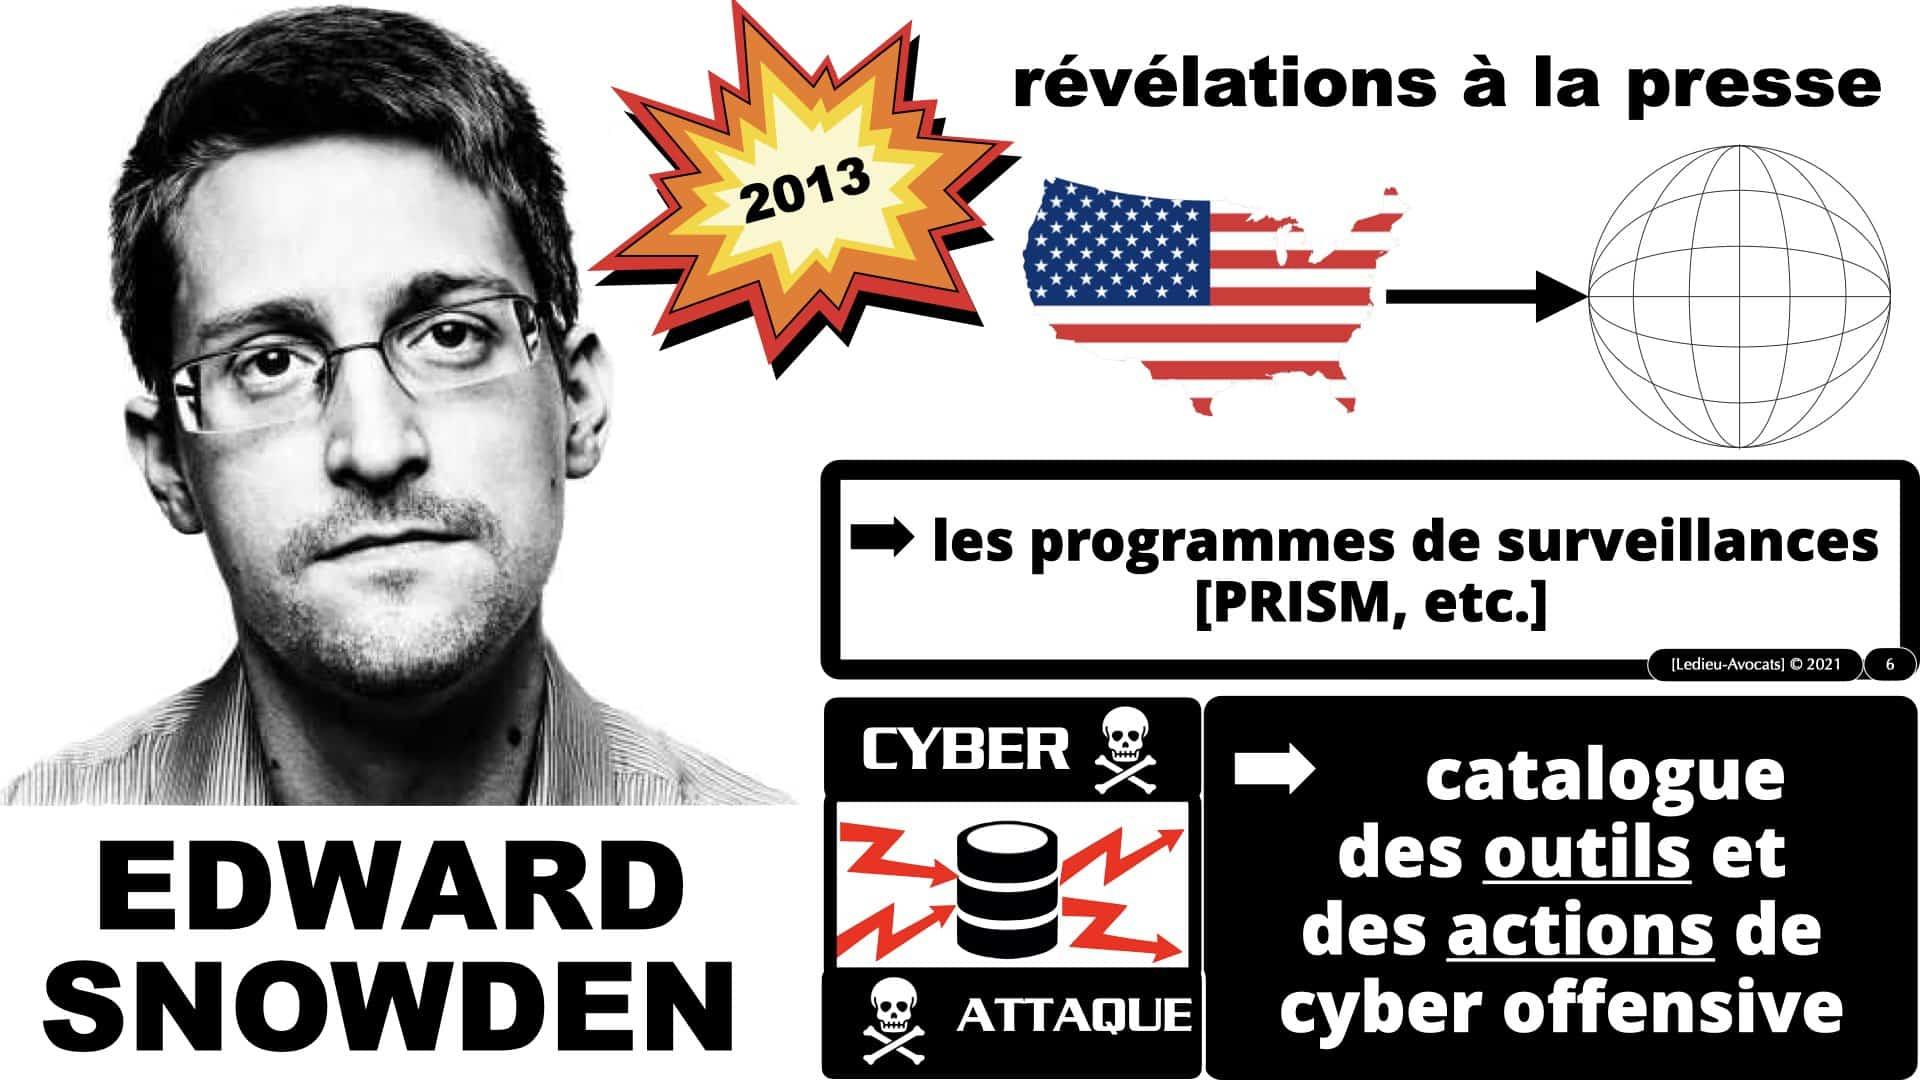 NoLimitSecu les grands leaks de lhistoire du cyber : Edward Snowden !